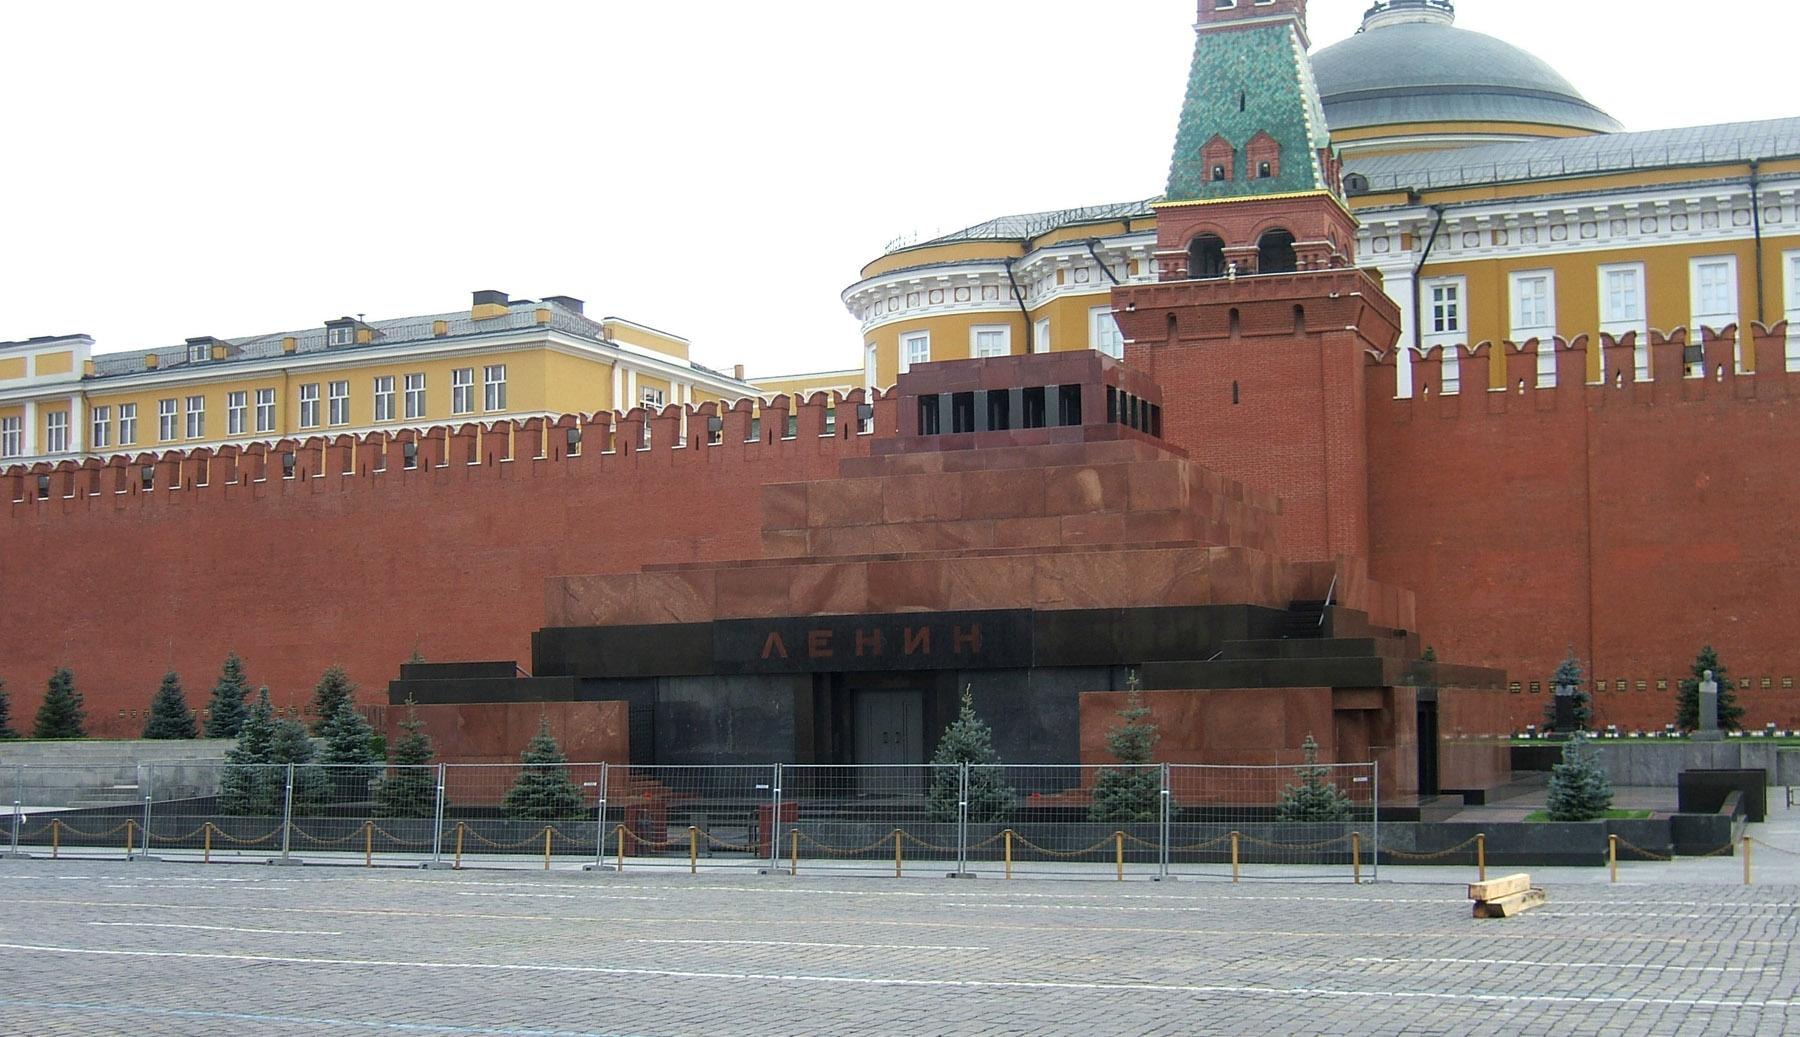 Interiorul Teatrul Bolshoi din Moscova